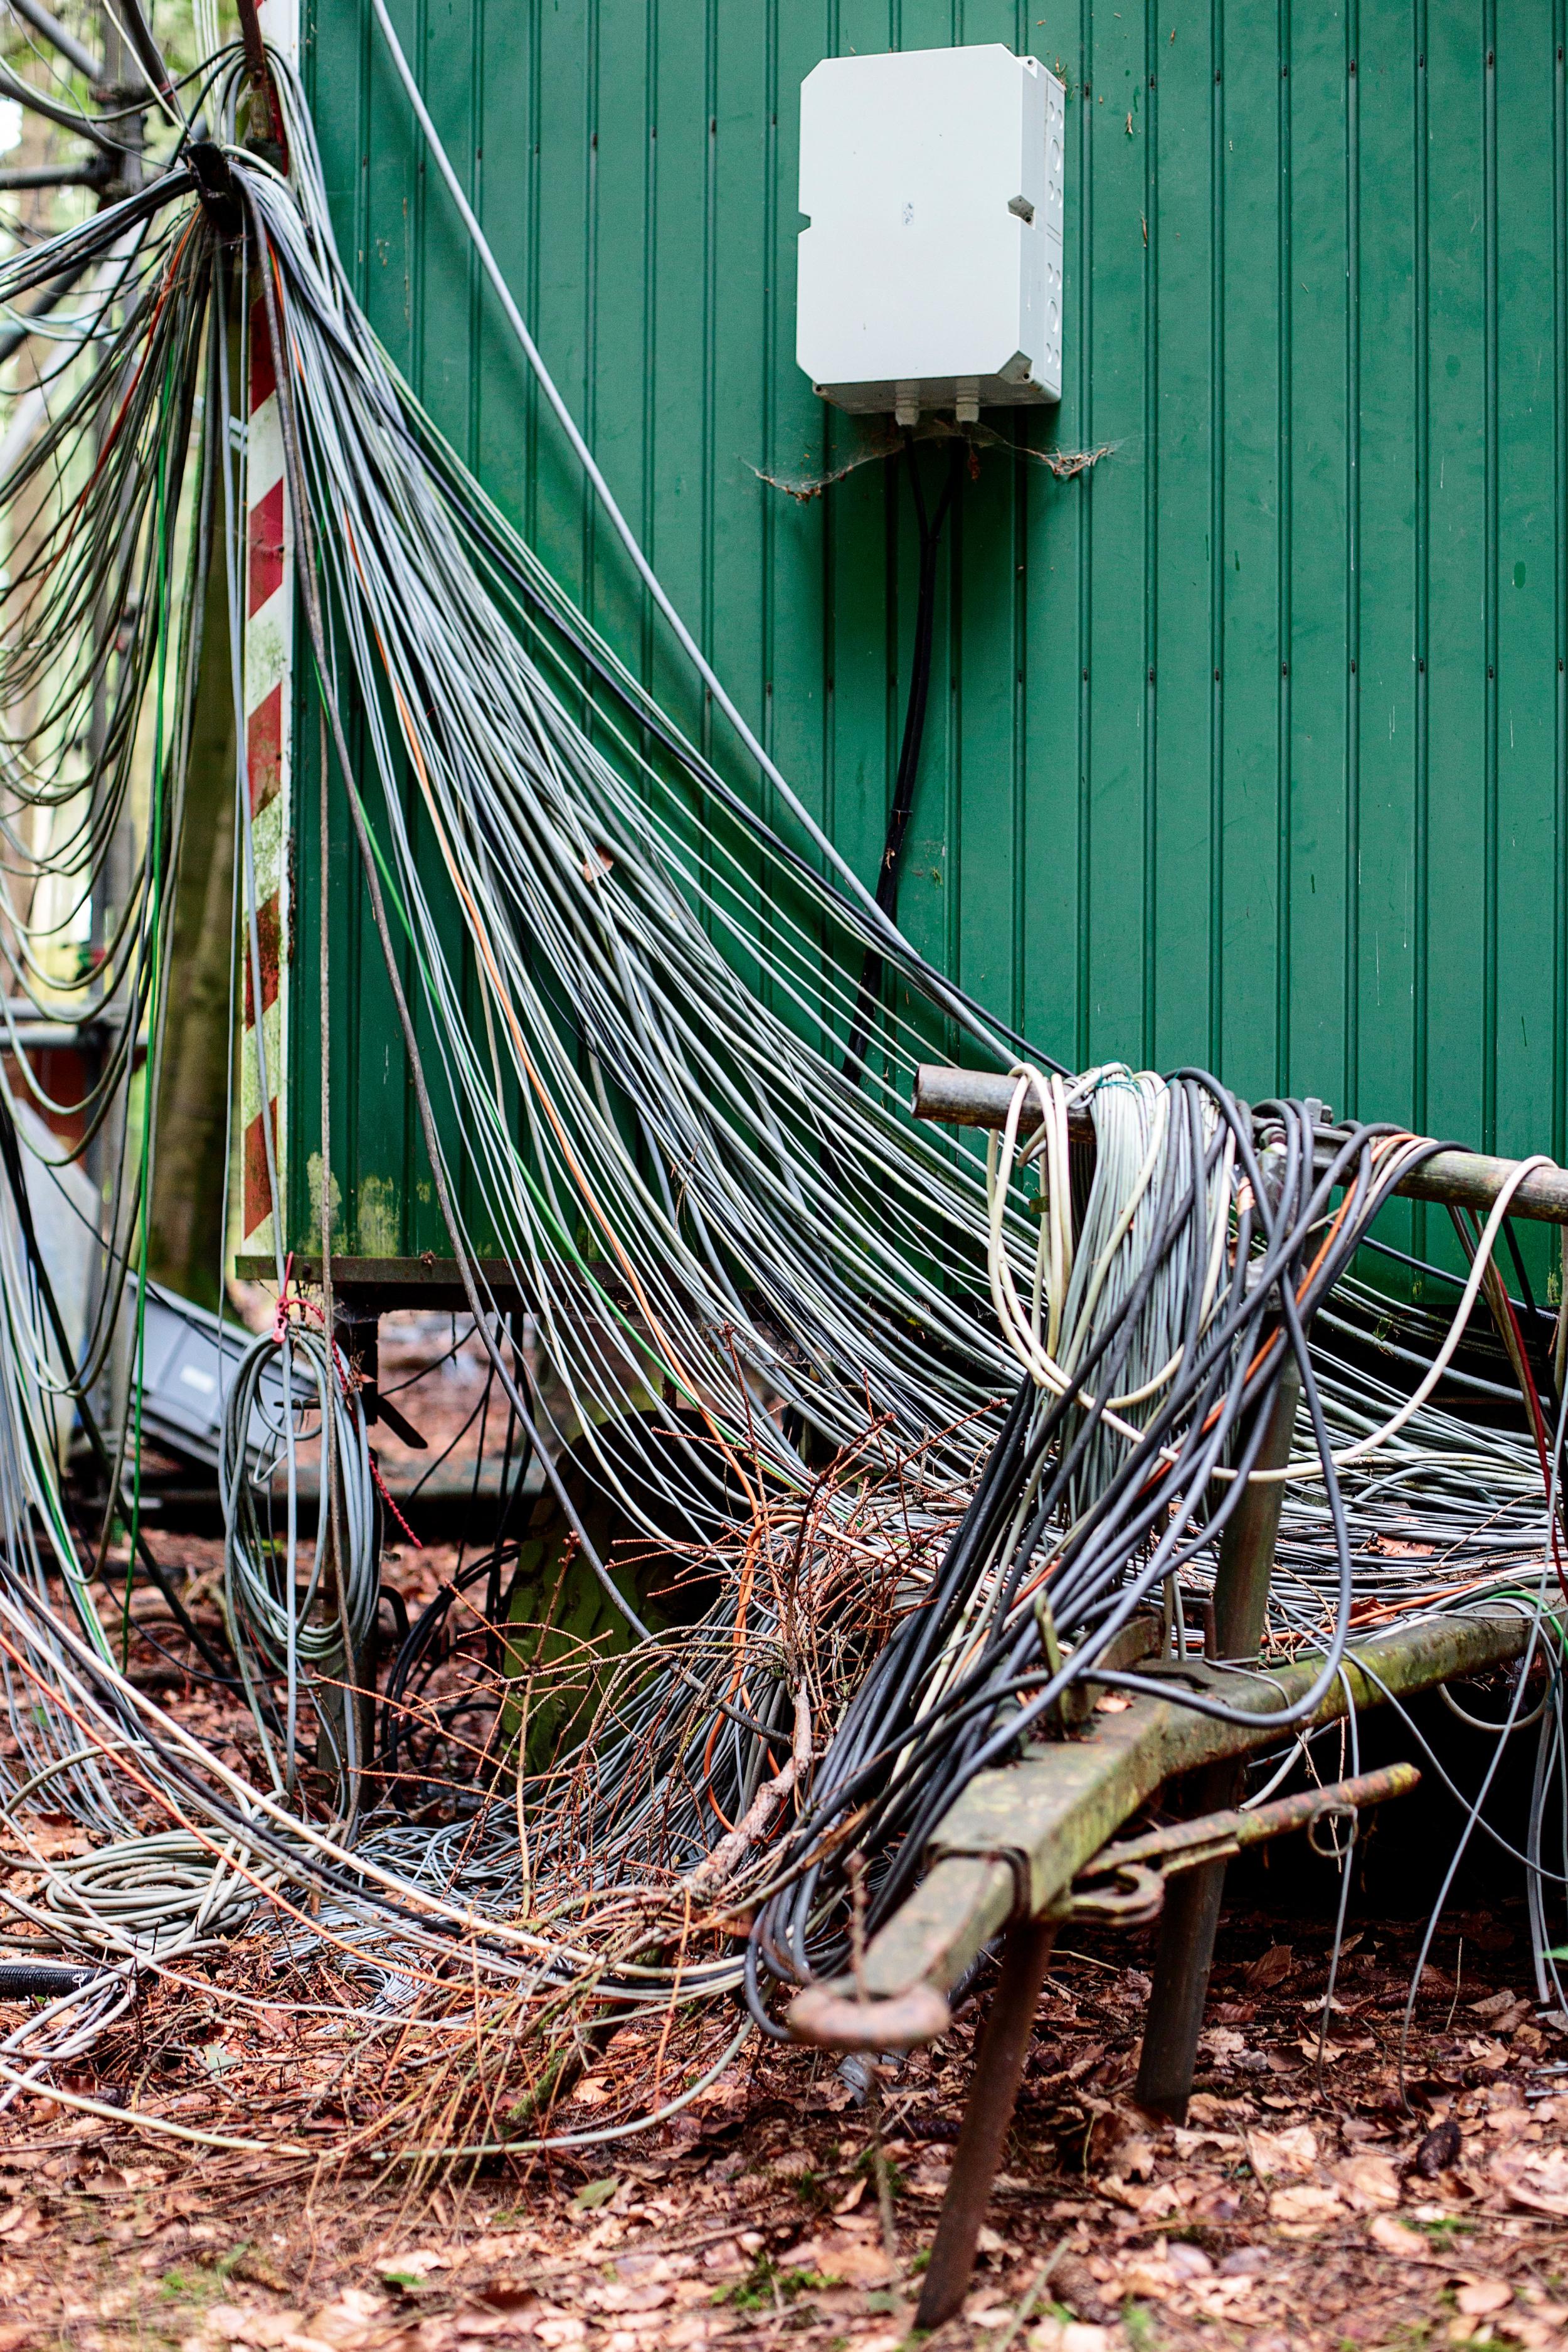 <p>KABELSALAT<br /> In einem alten Bauwagen werden Baumdaten gesammelt, die Messinstrumente im Kranzberger Forst bei Freising aufzeichnen Forschung</p>